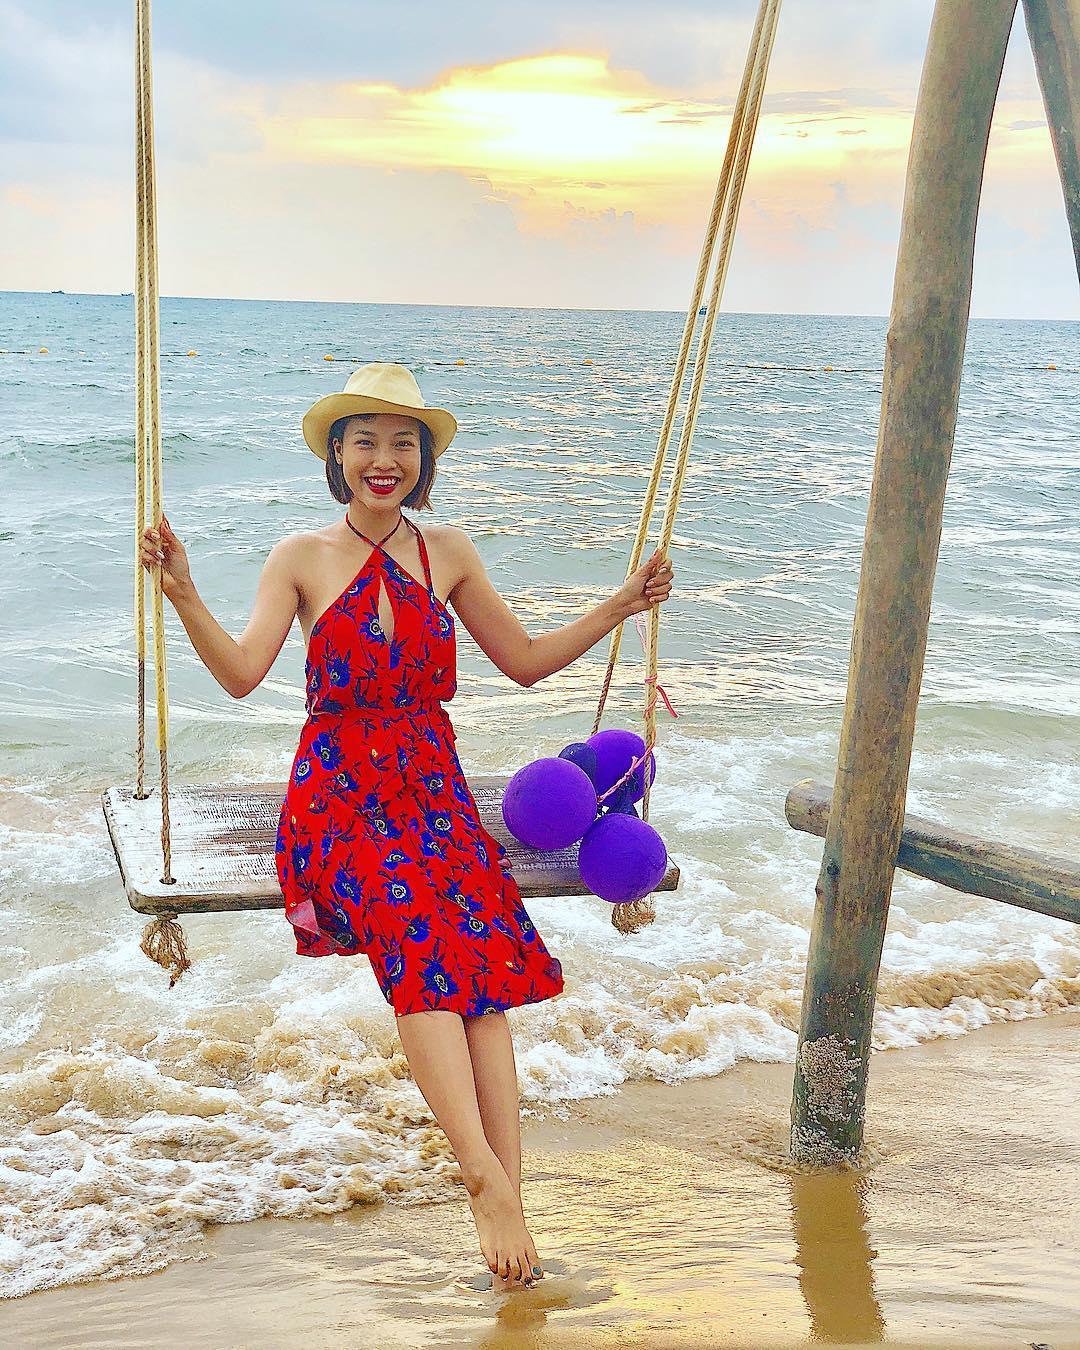 Đỗ Mỹ Linh diện bộ cánh như quý bà U40, Minh Triệu chơi bạo khi nude 100% trên bãi biển